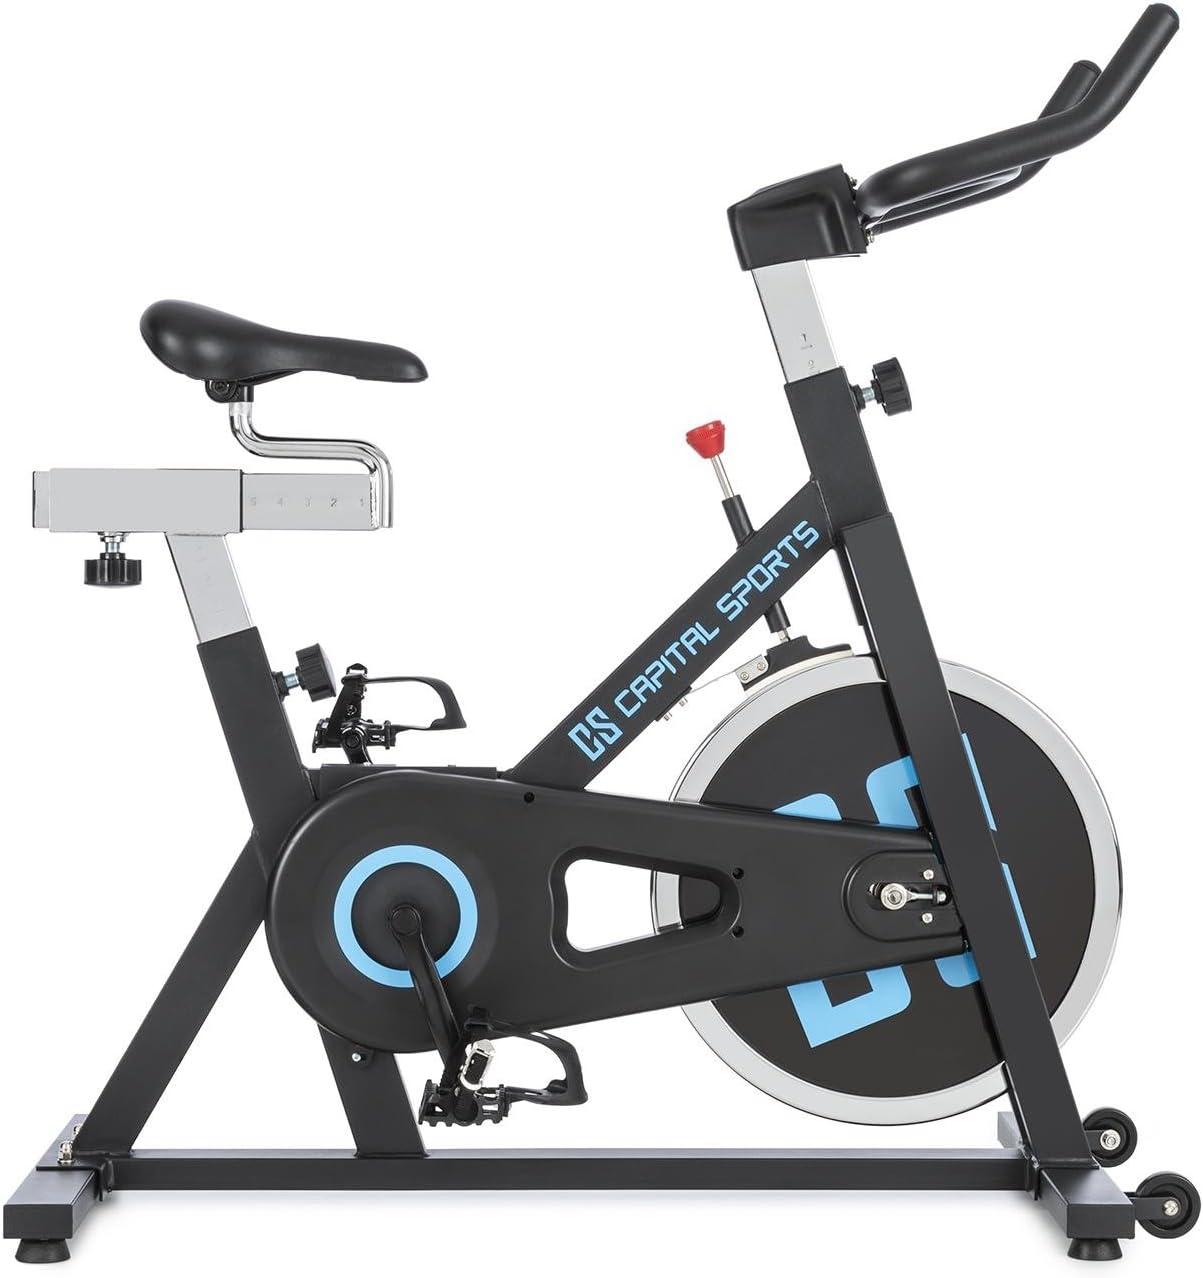 CapitalSports Radical ARC X13 - Bicicleta Indoor, Bicicleta estática, Rueda de inercia con 13kg, Accionamiento por Cadena, Capacidad de Carga 120kg, Ajustable, Estable, Peso 30,5kg, Negro: Amazon.es: Deportes y aire libre